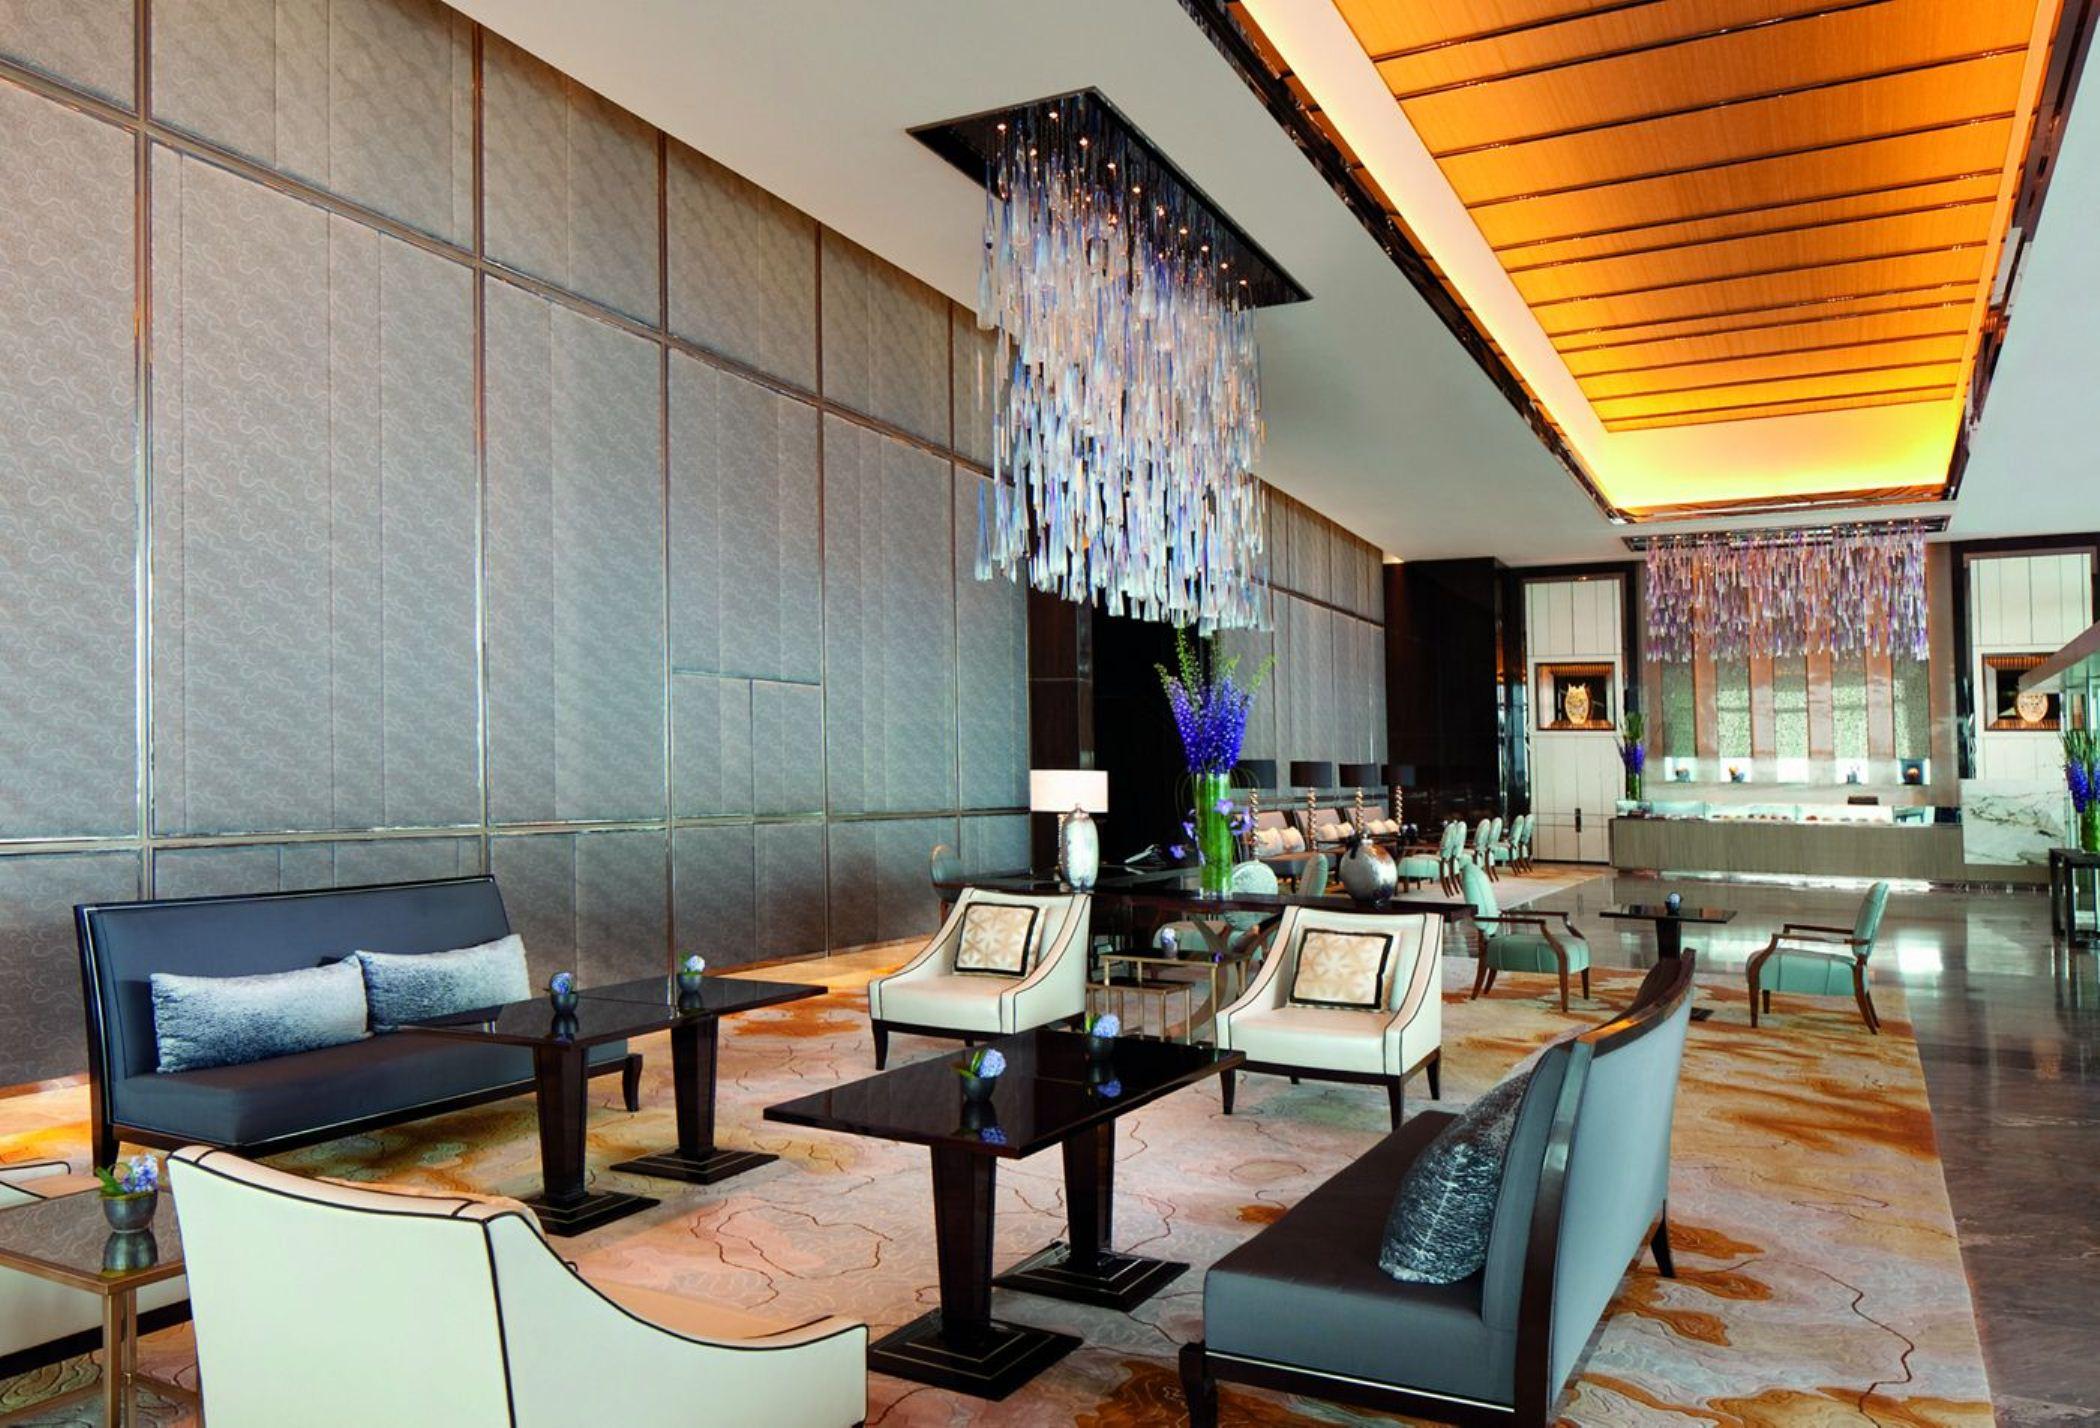 The Ritz Carlton Hong Kong, Yau Tsim Mong